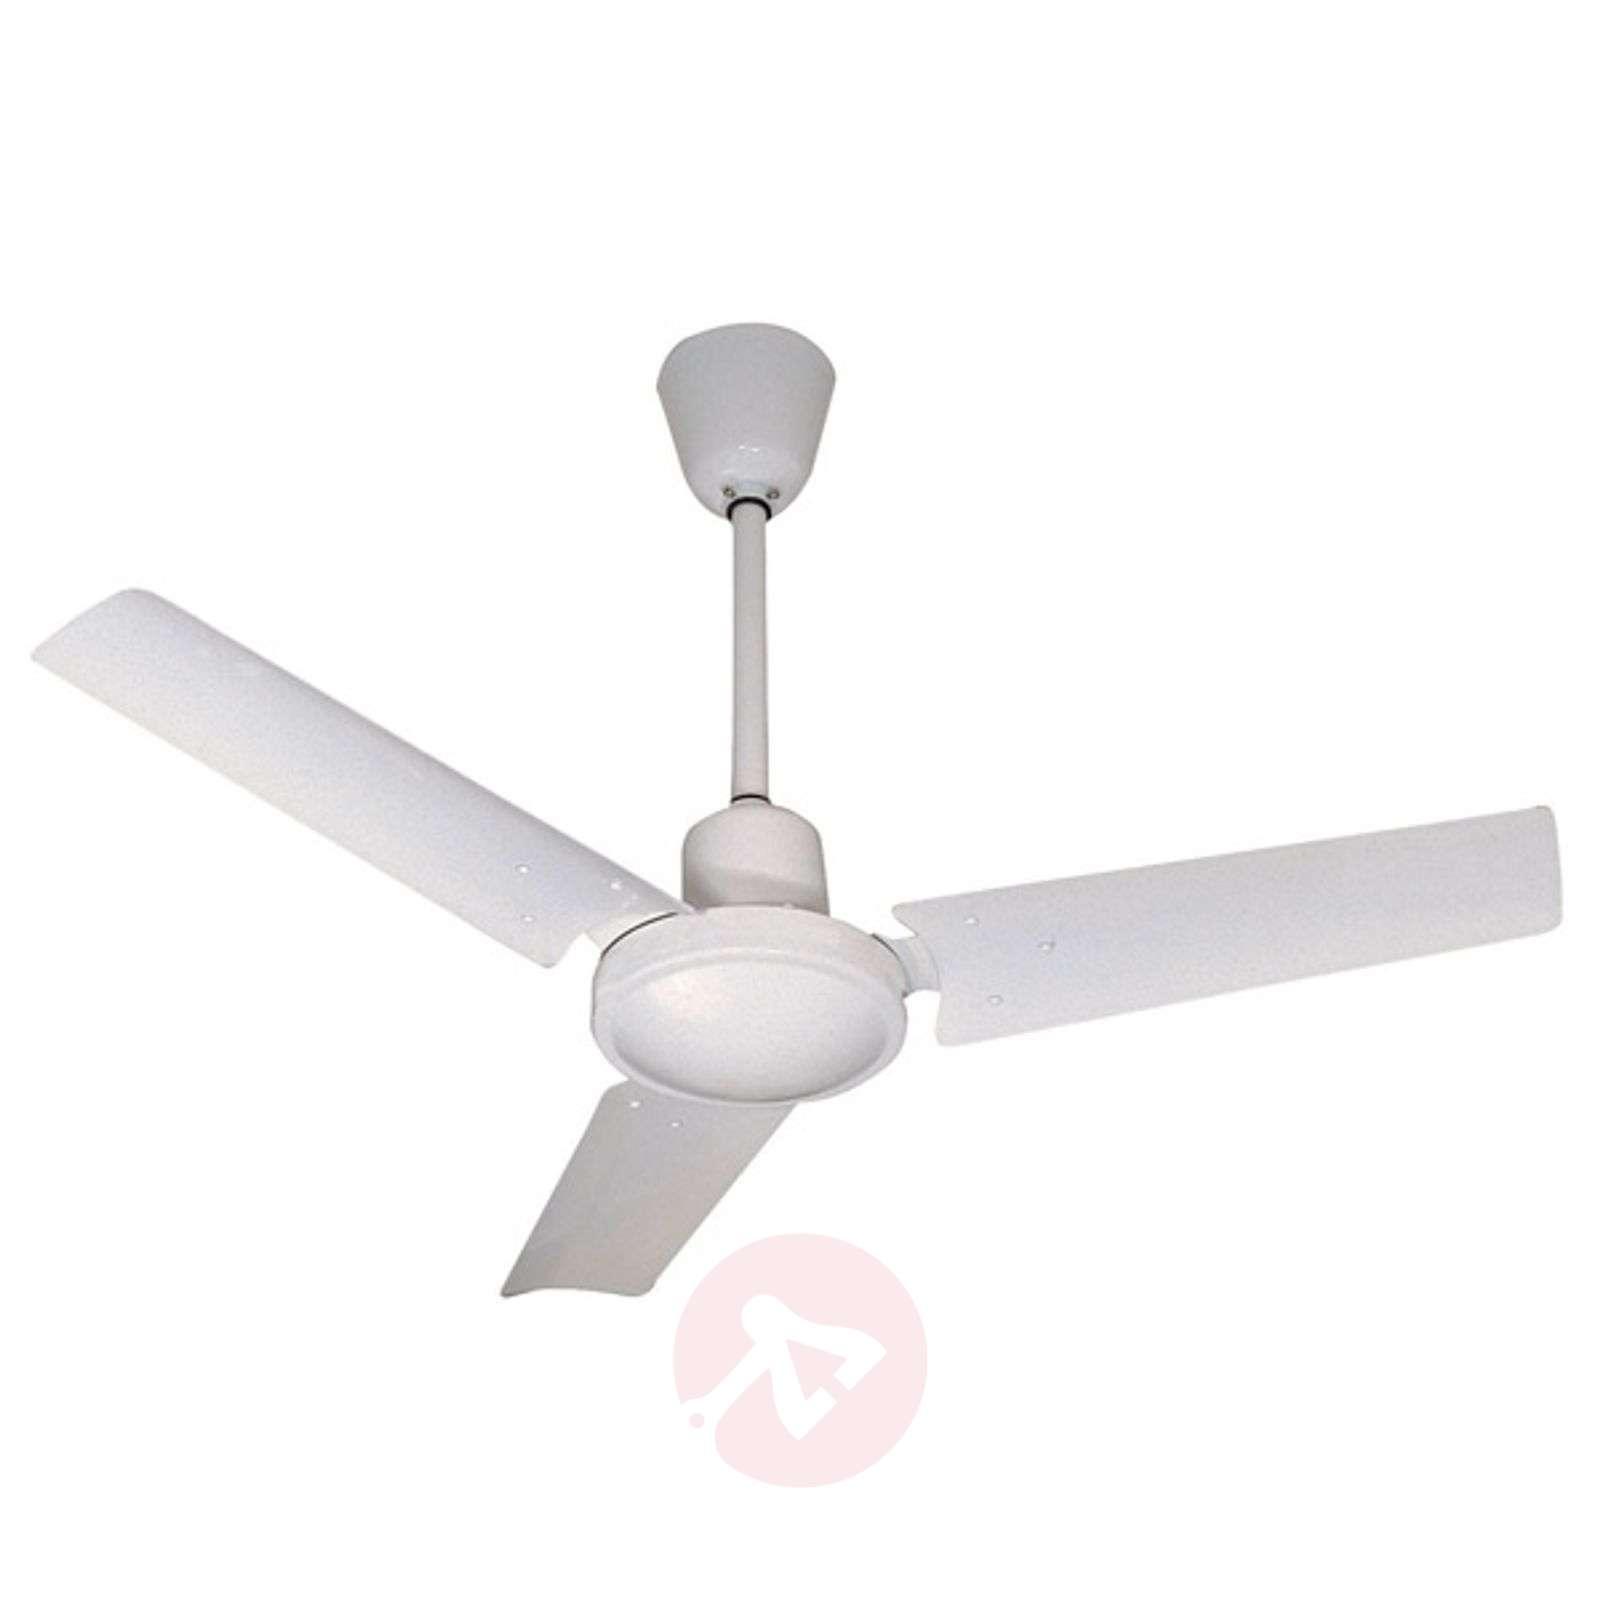 MINI INDUS Small Modern Ceiling Fan-3506075-01